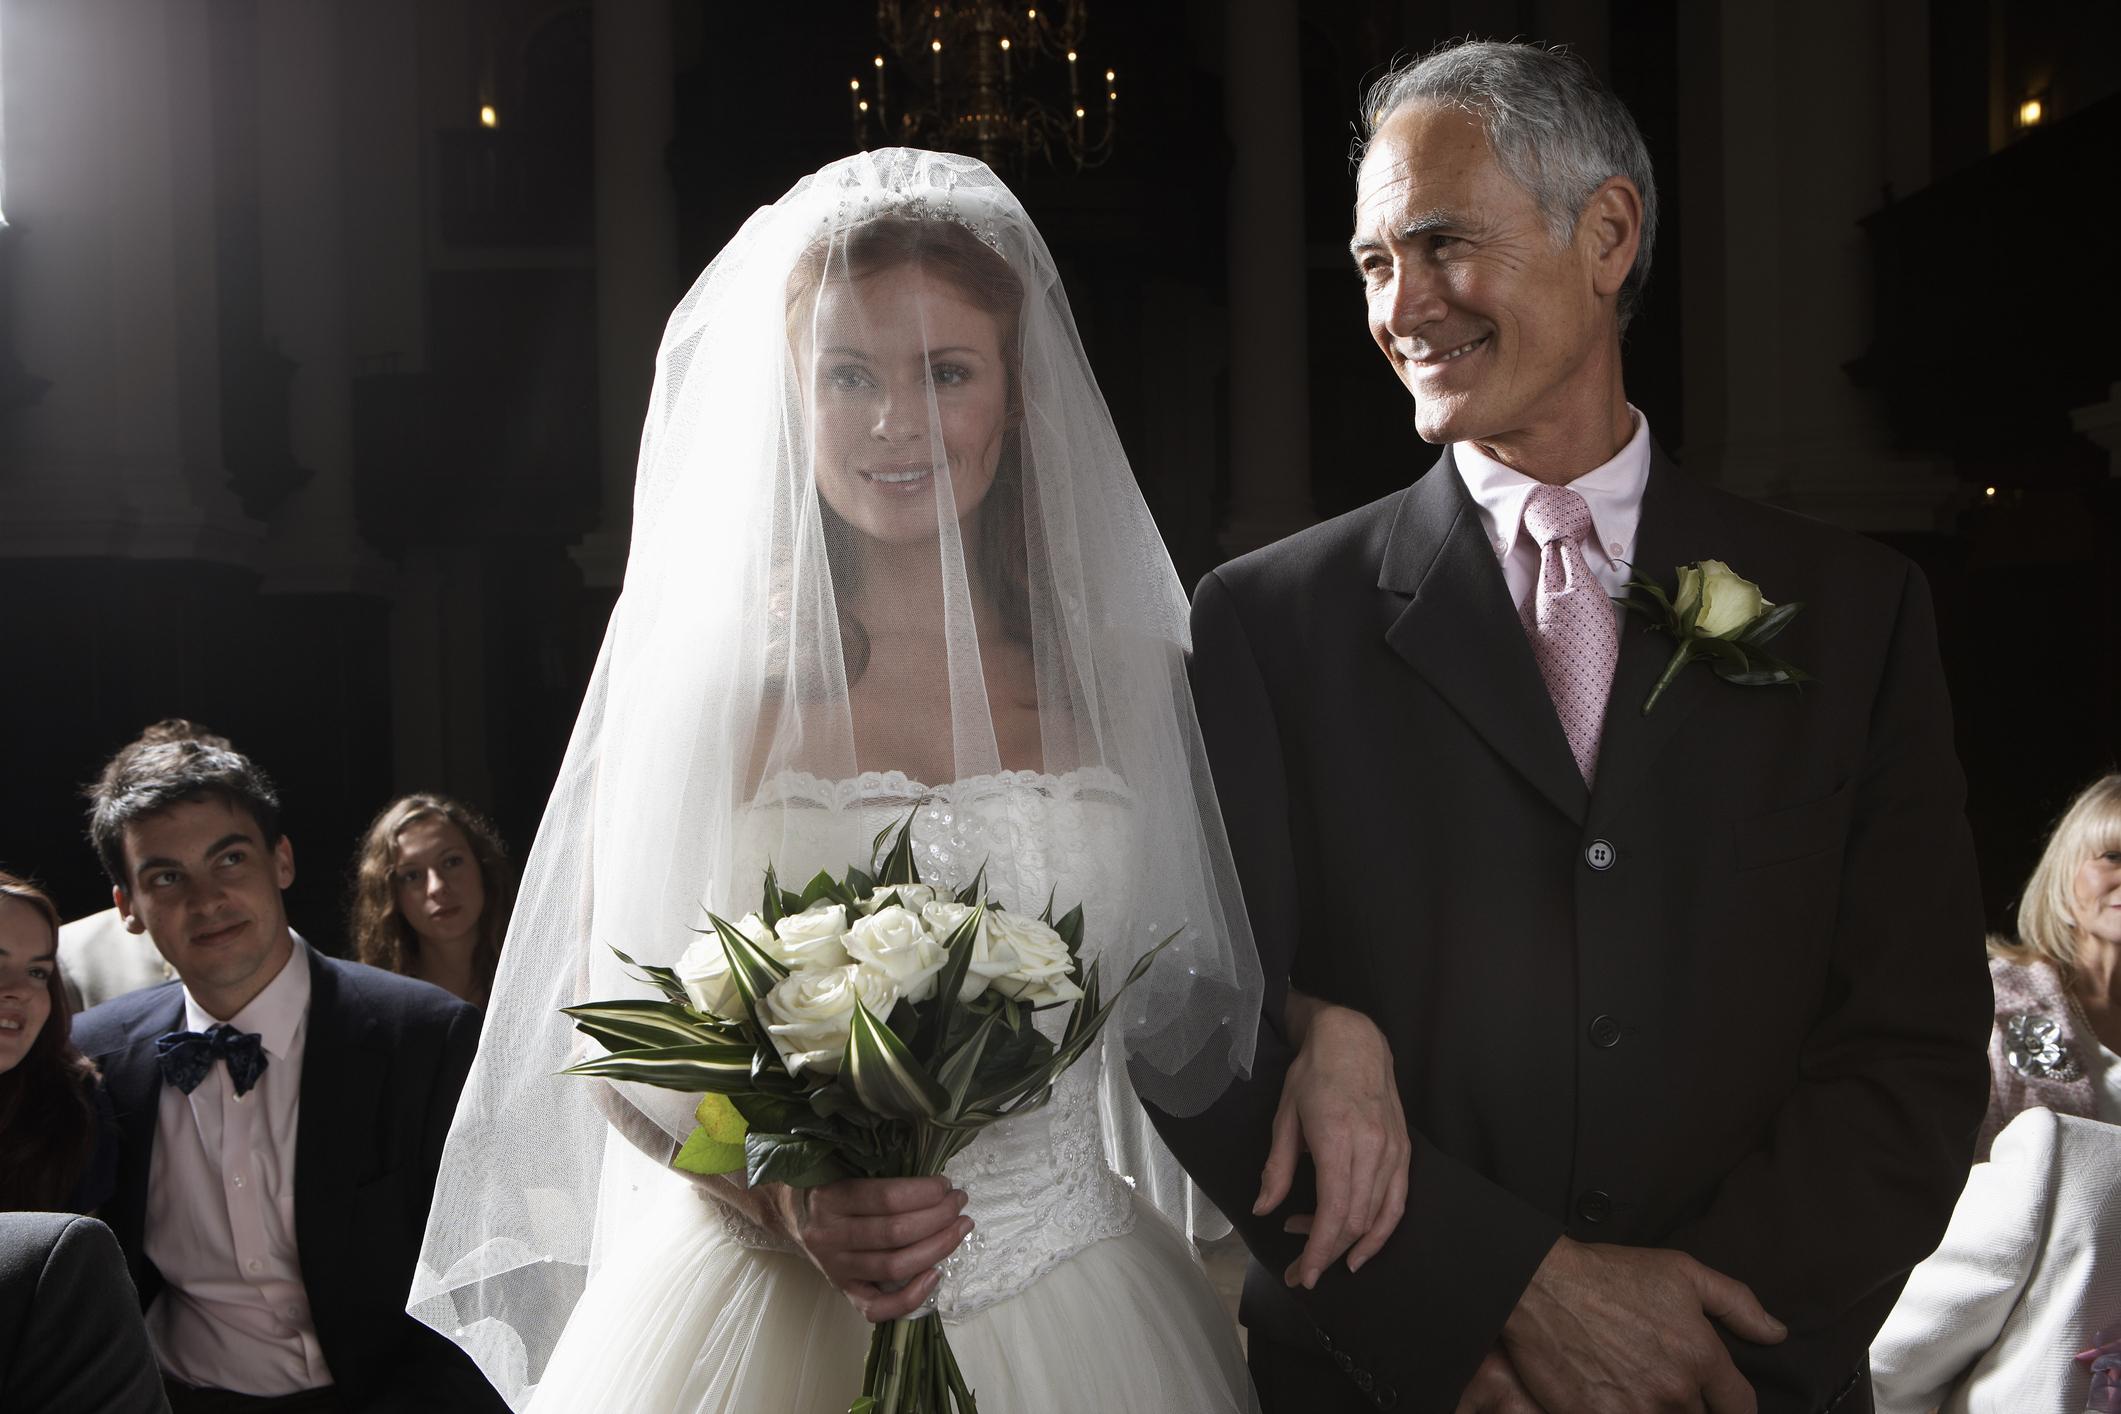 Older man standing next to bride